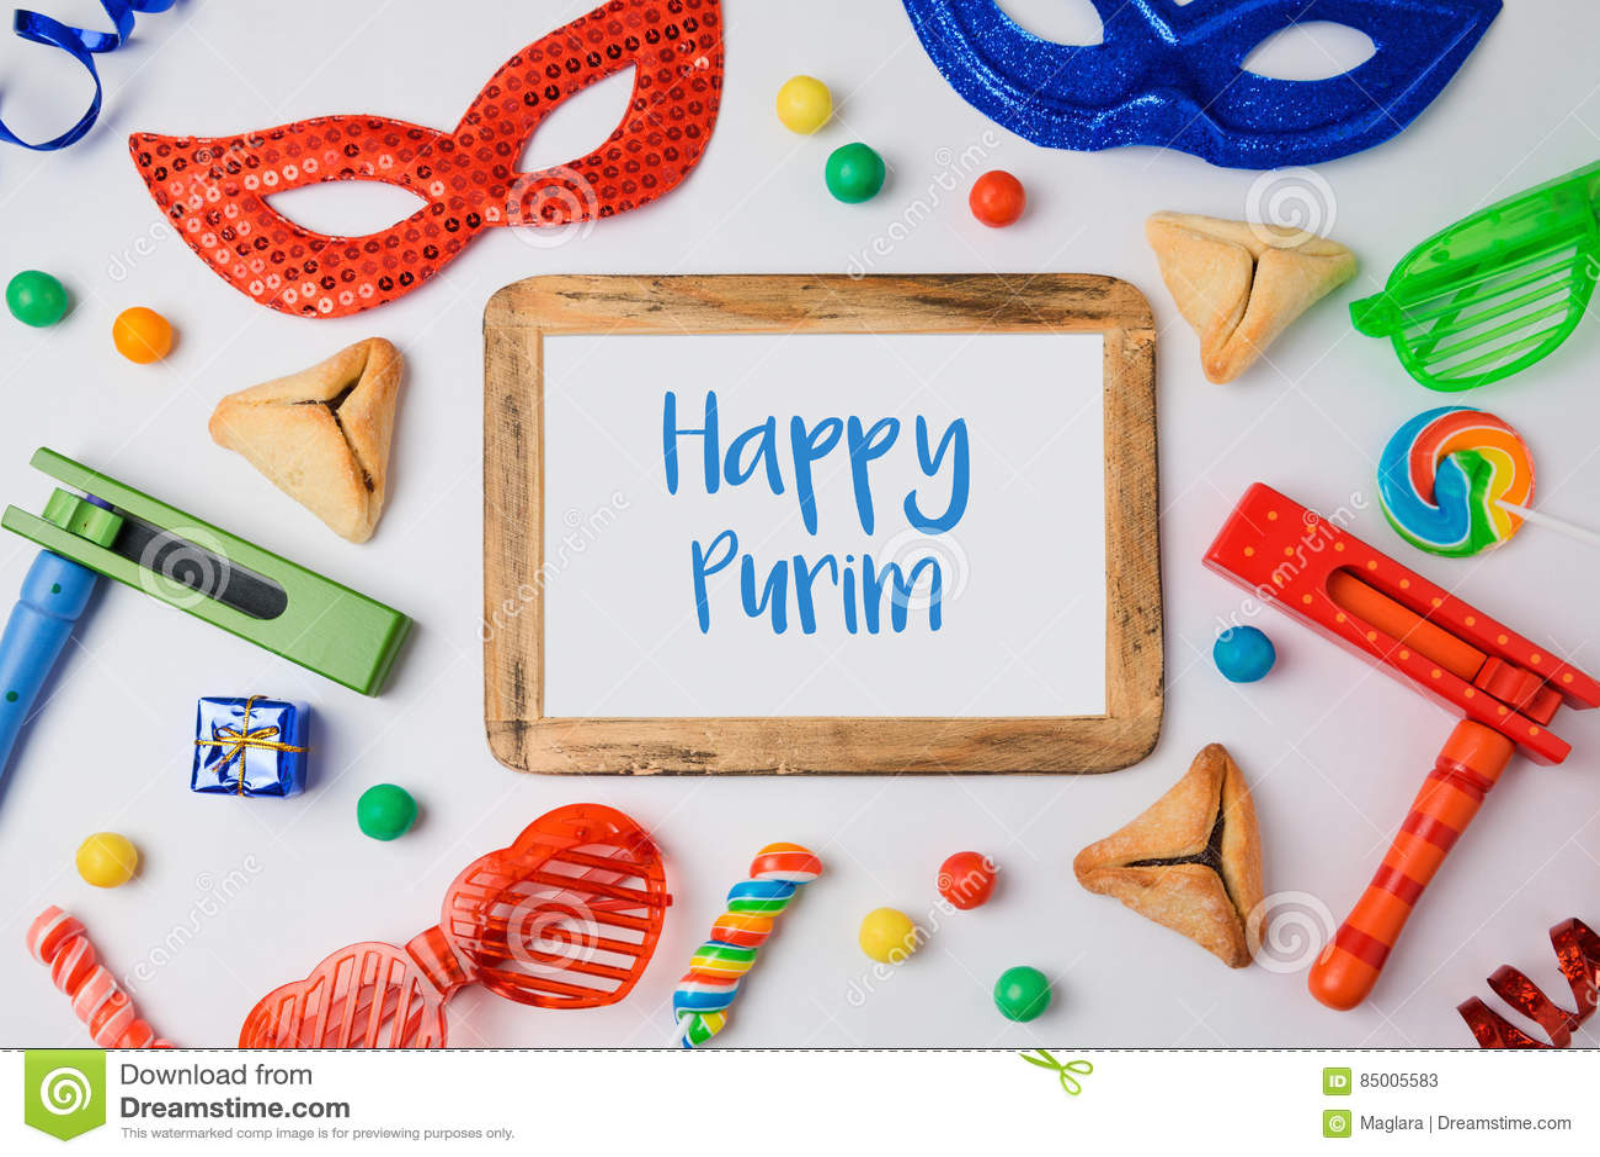 Jüdisches Feiertag Purim-Konzept mit hamantaschen Plätzchen, Karnevalsmaske und Fotorahmen auf weißem Hintergrund